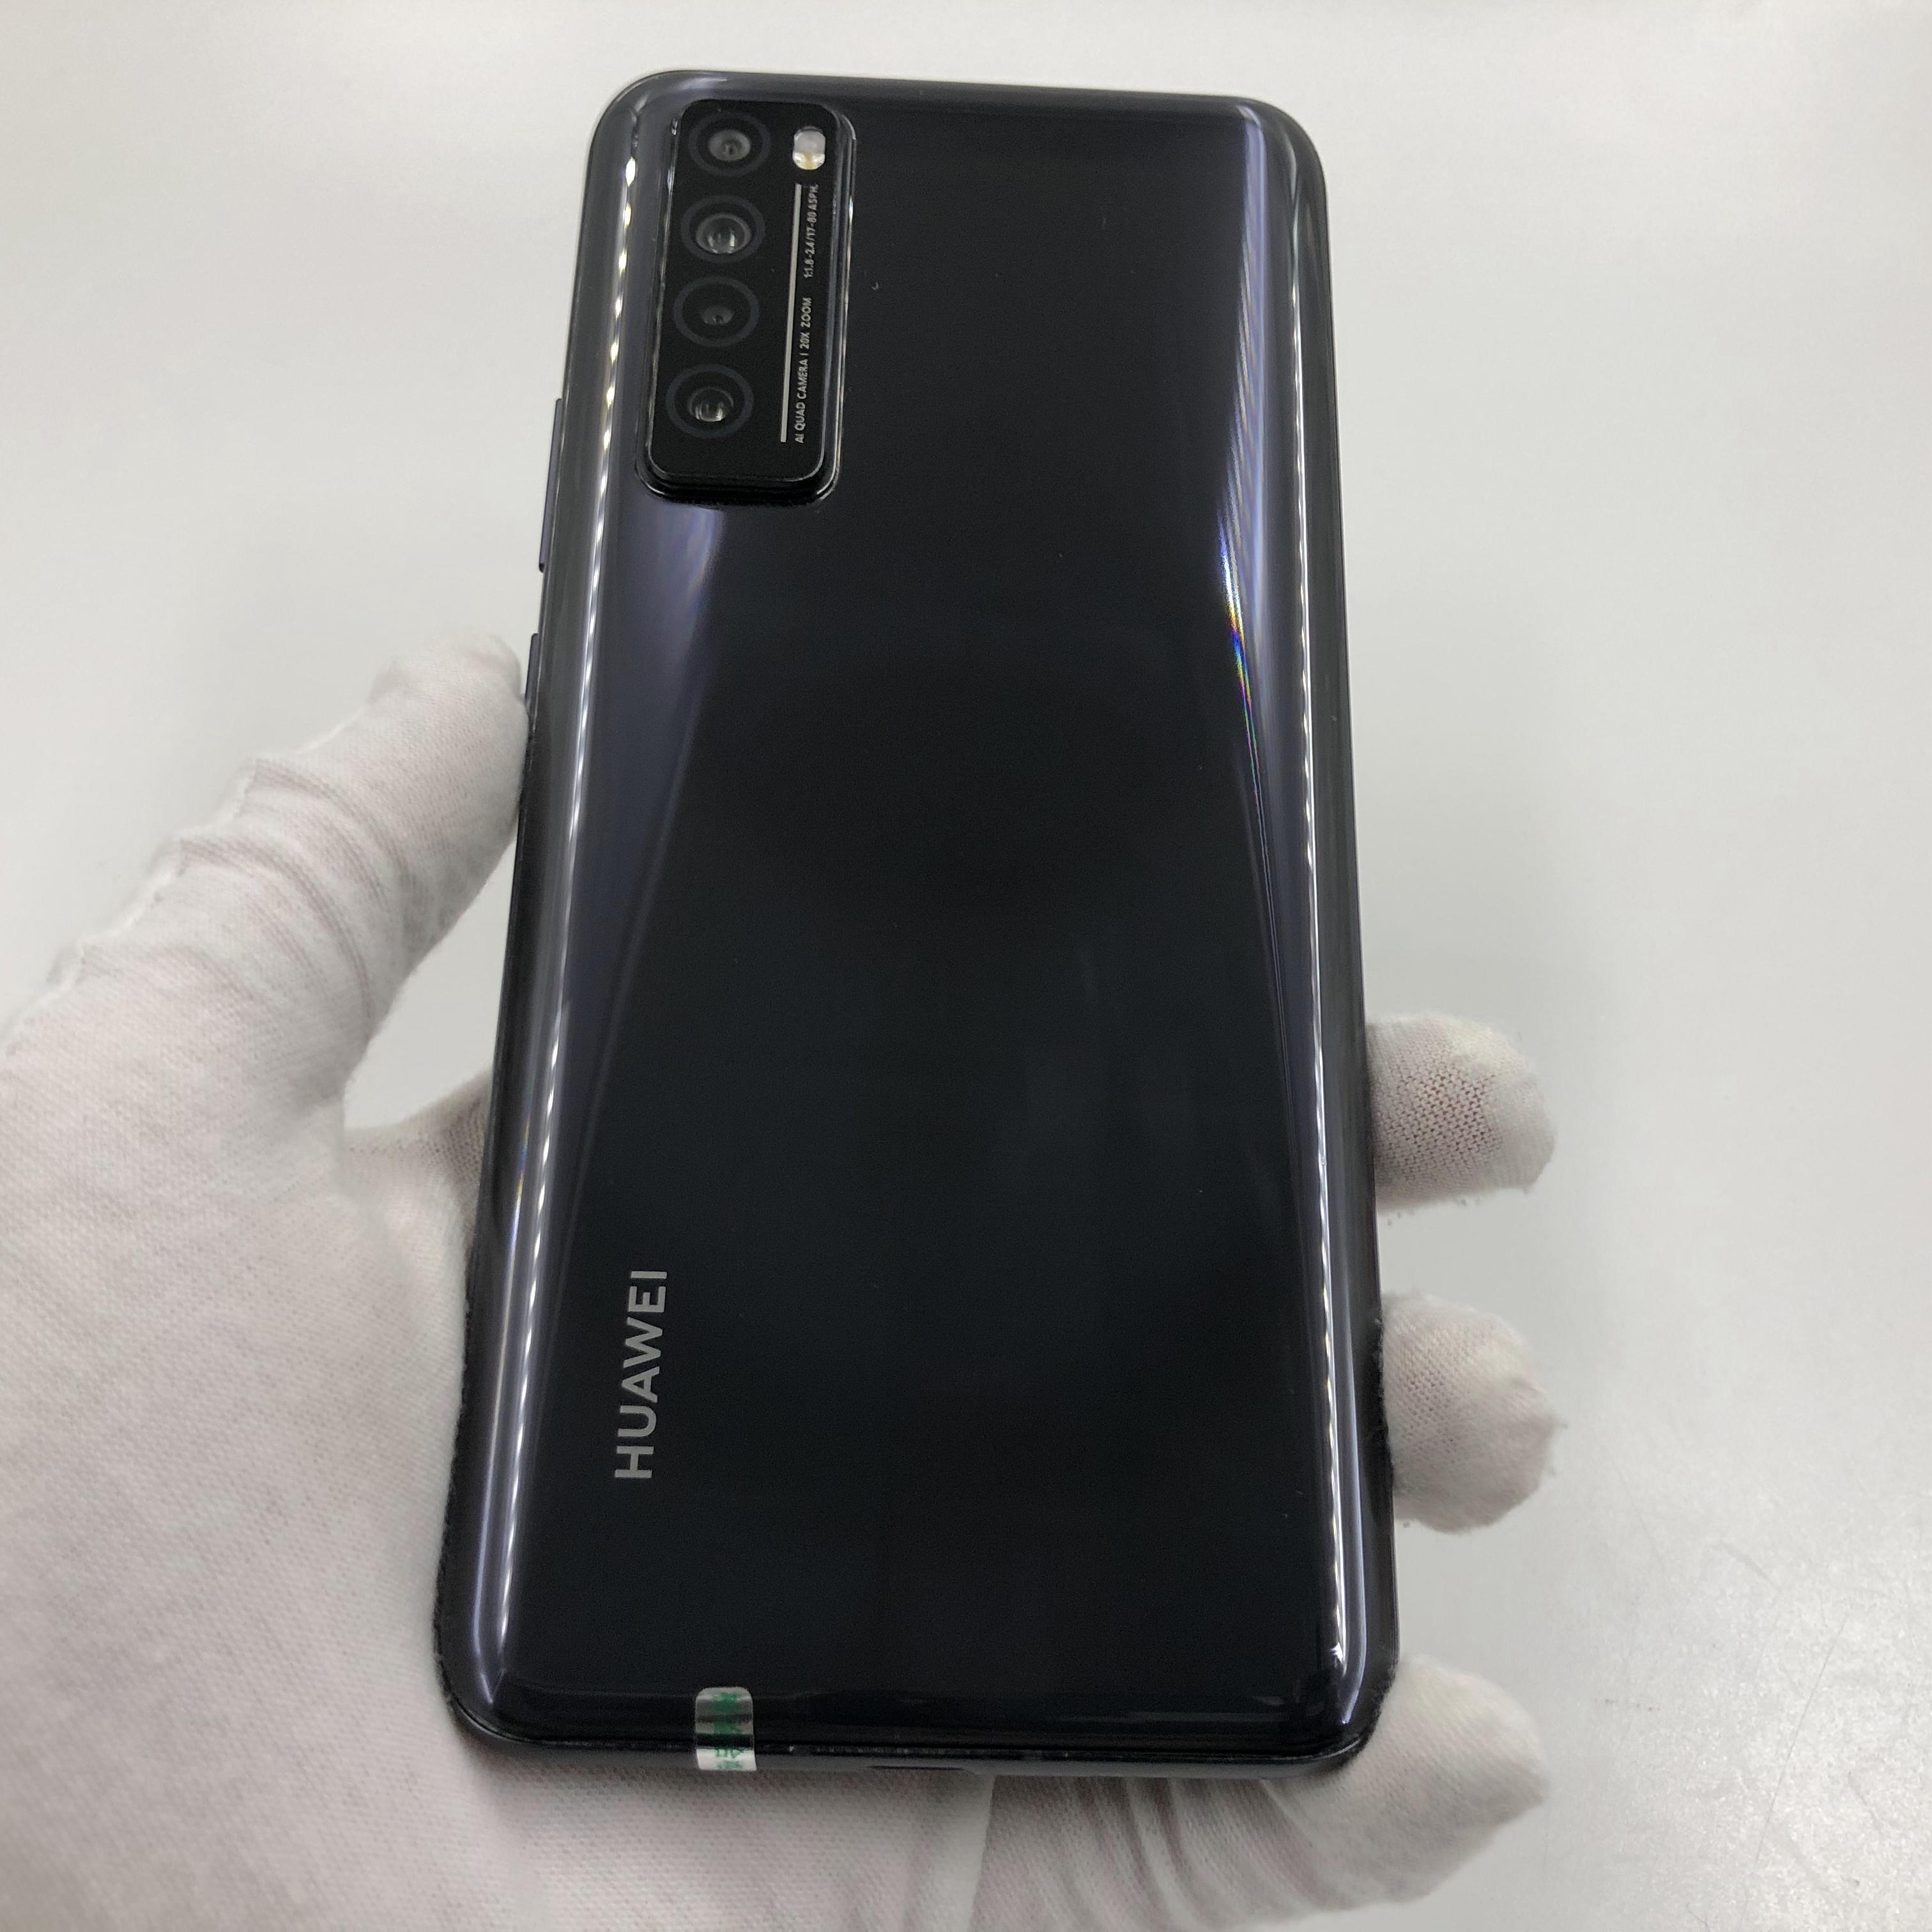 华为【nova 7 5G】5G全网通 亮黑色 8G/128G 国行 95新 真机实拍